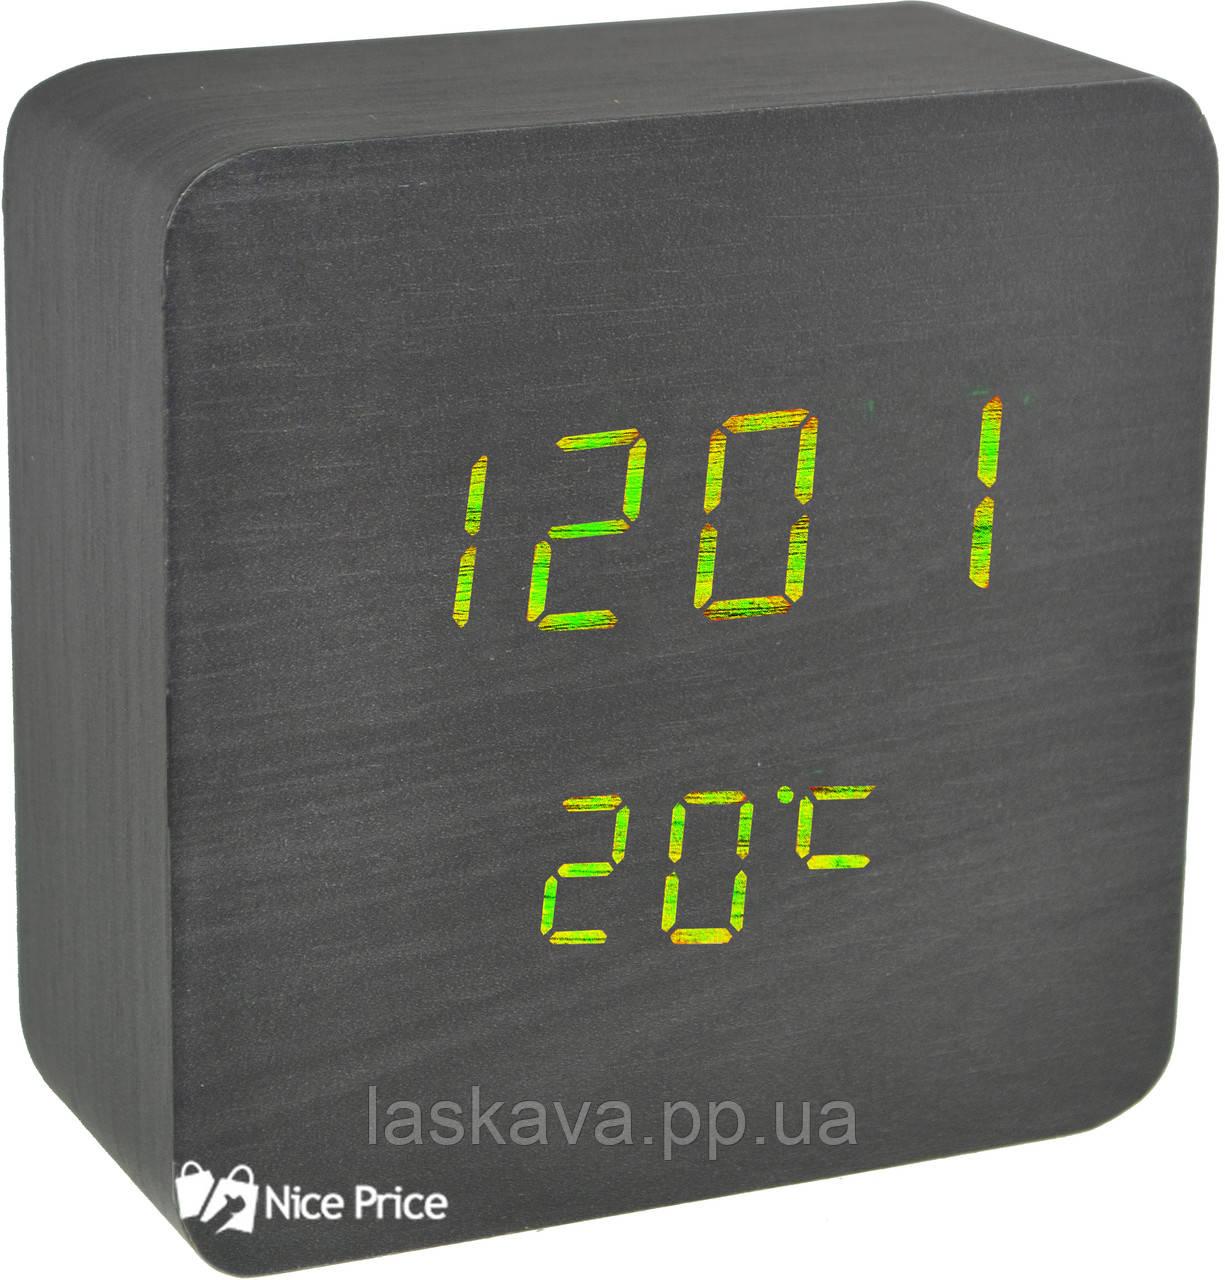 Часы VST 872 черное дерево (зеленая подсветка) (6995) Siamo